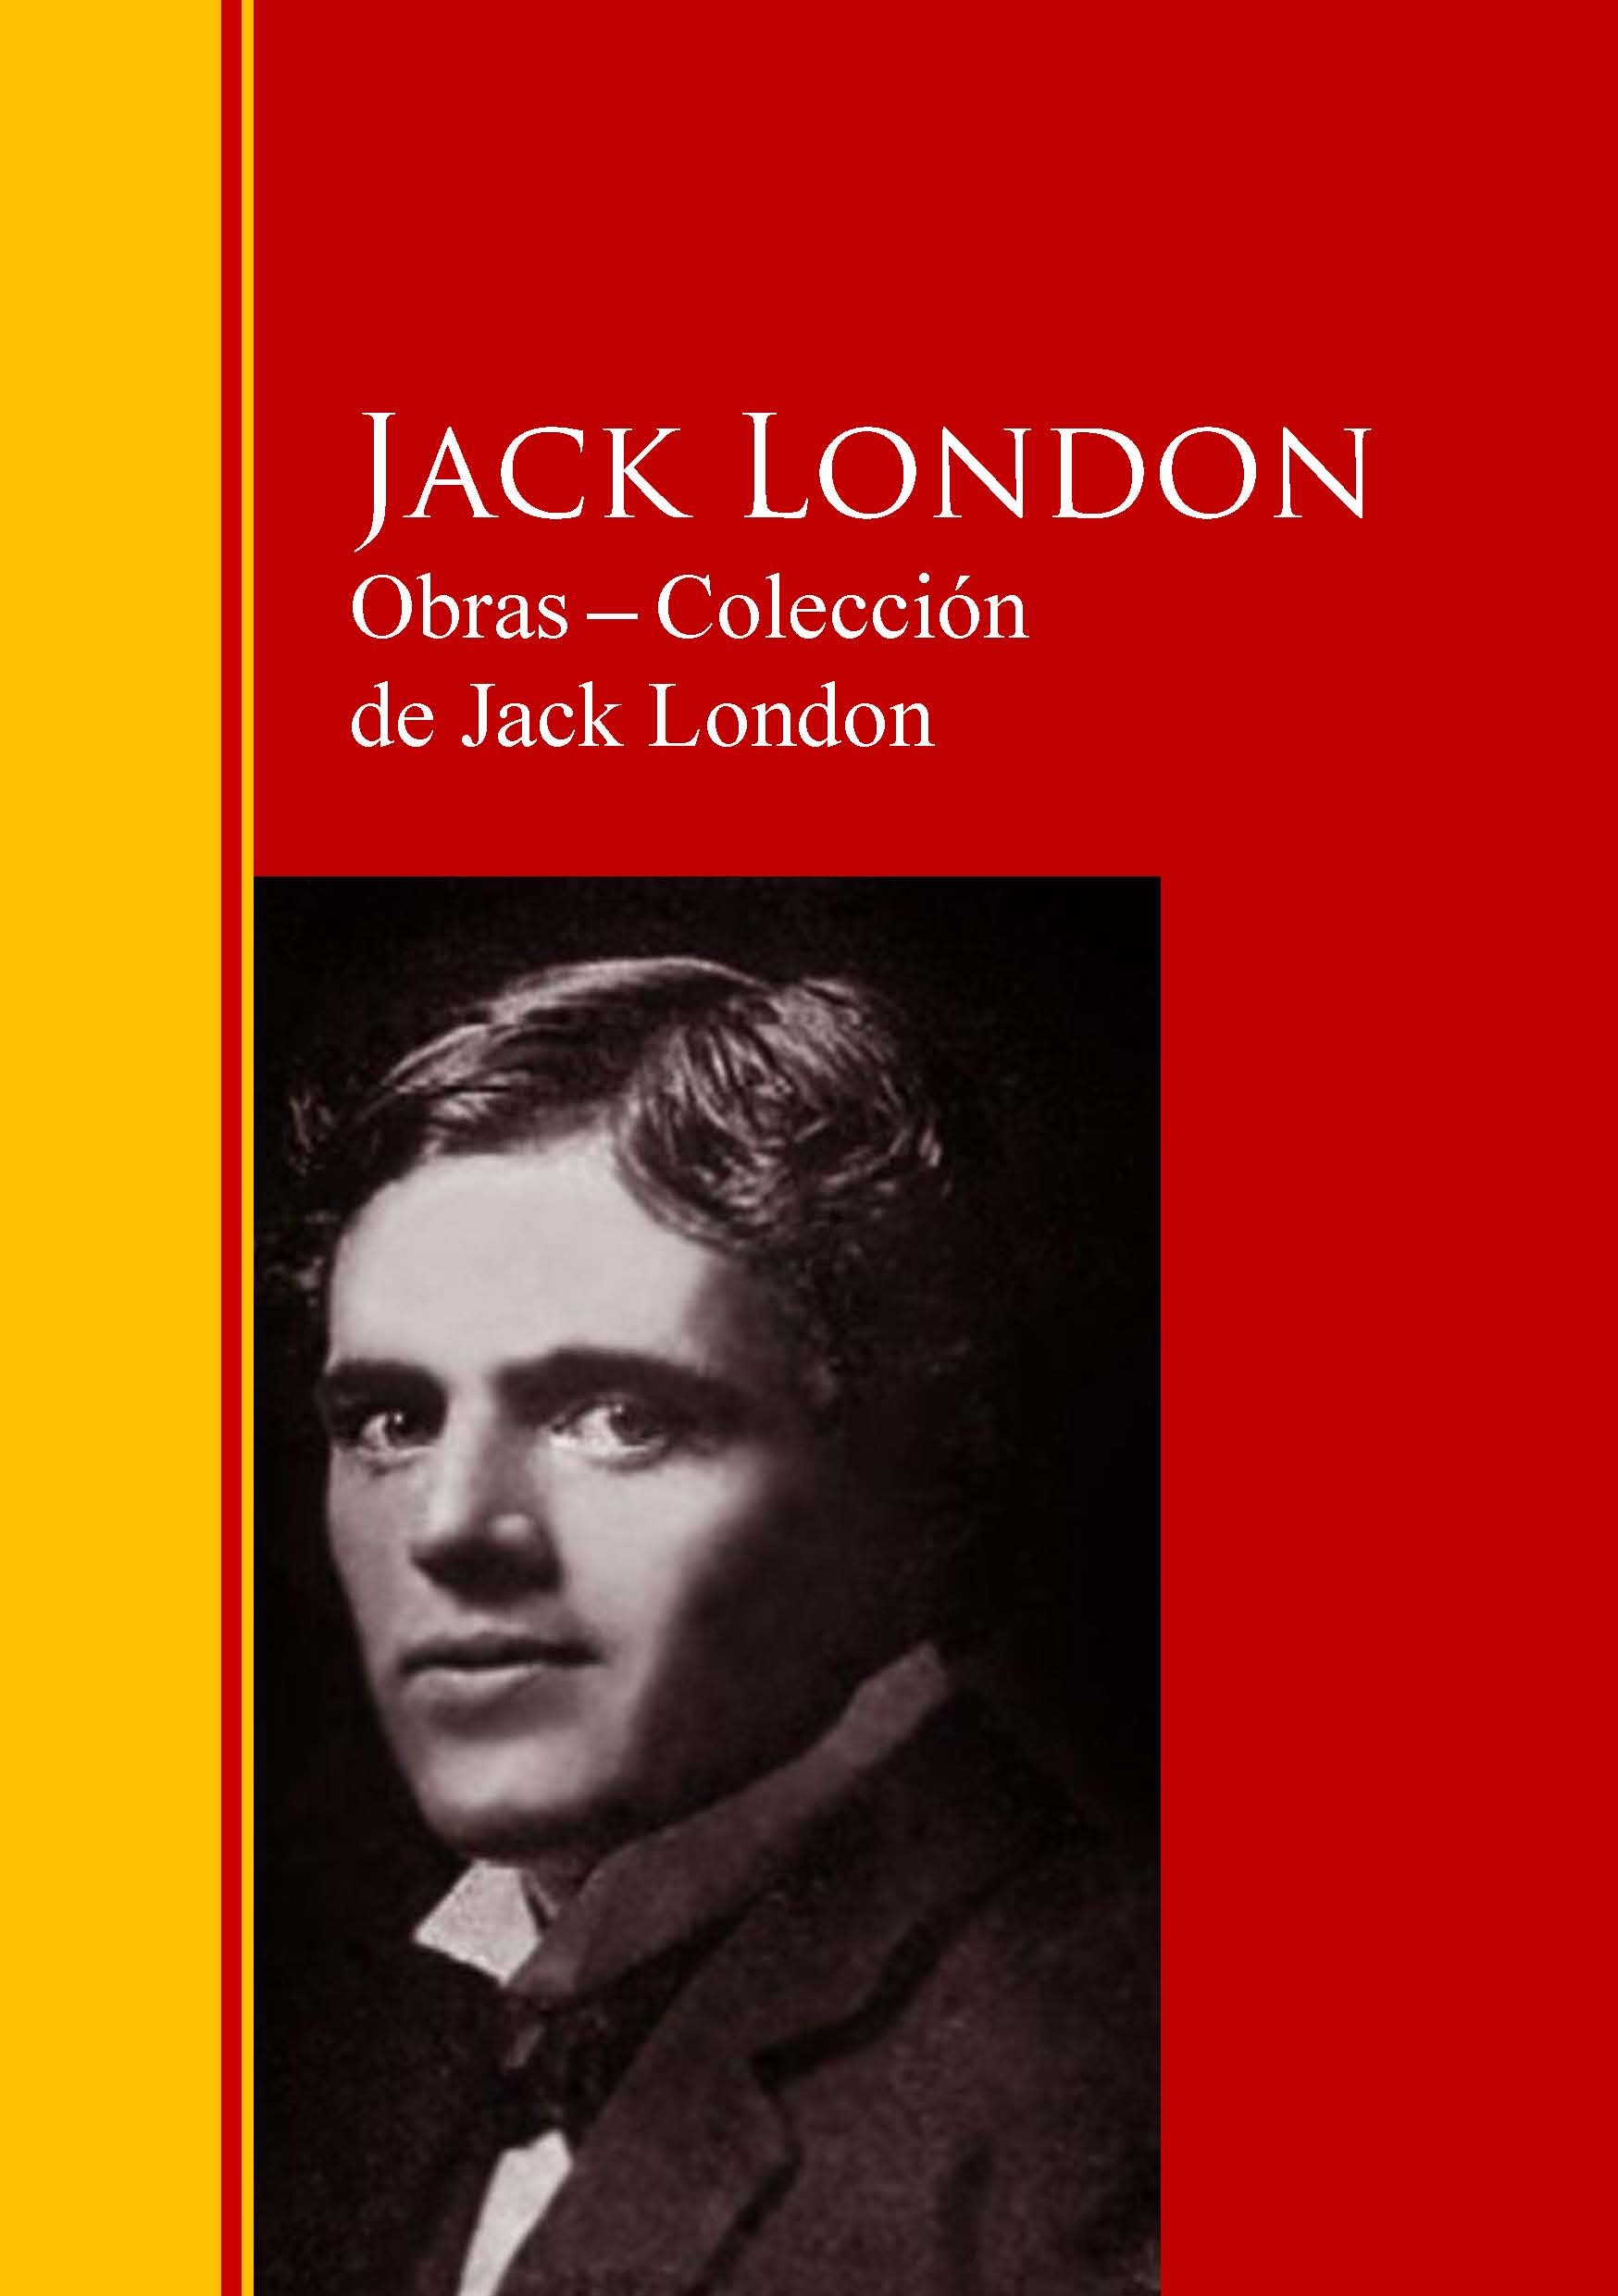 obras coleccion de jack london